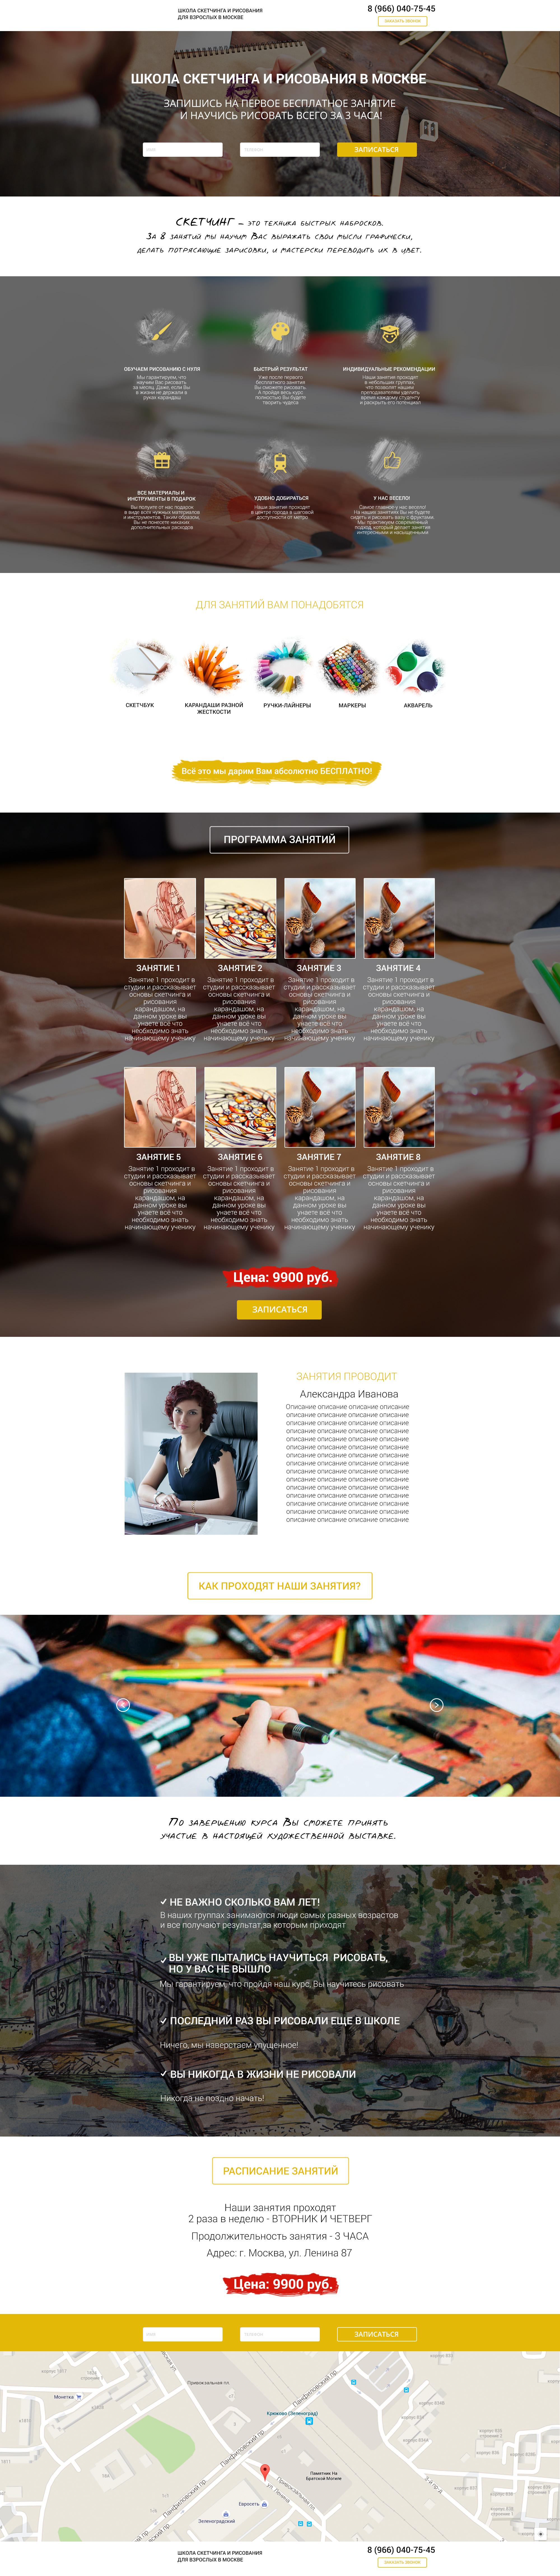 Разработка дизайна landing page для школы скетчинга и рисования